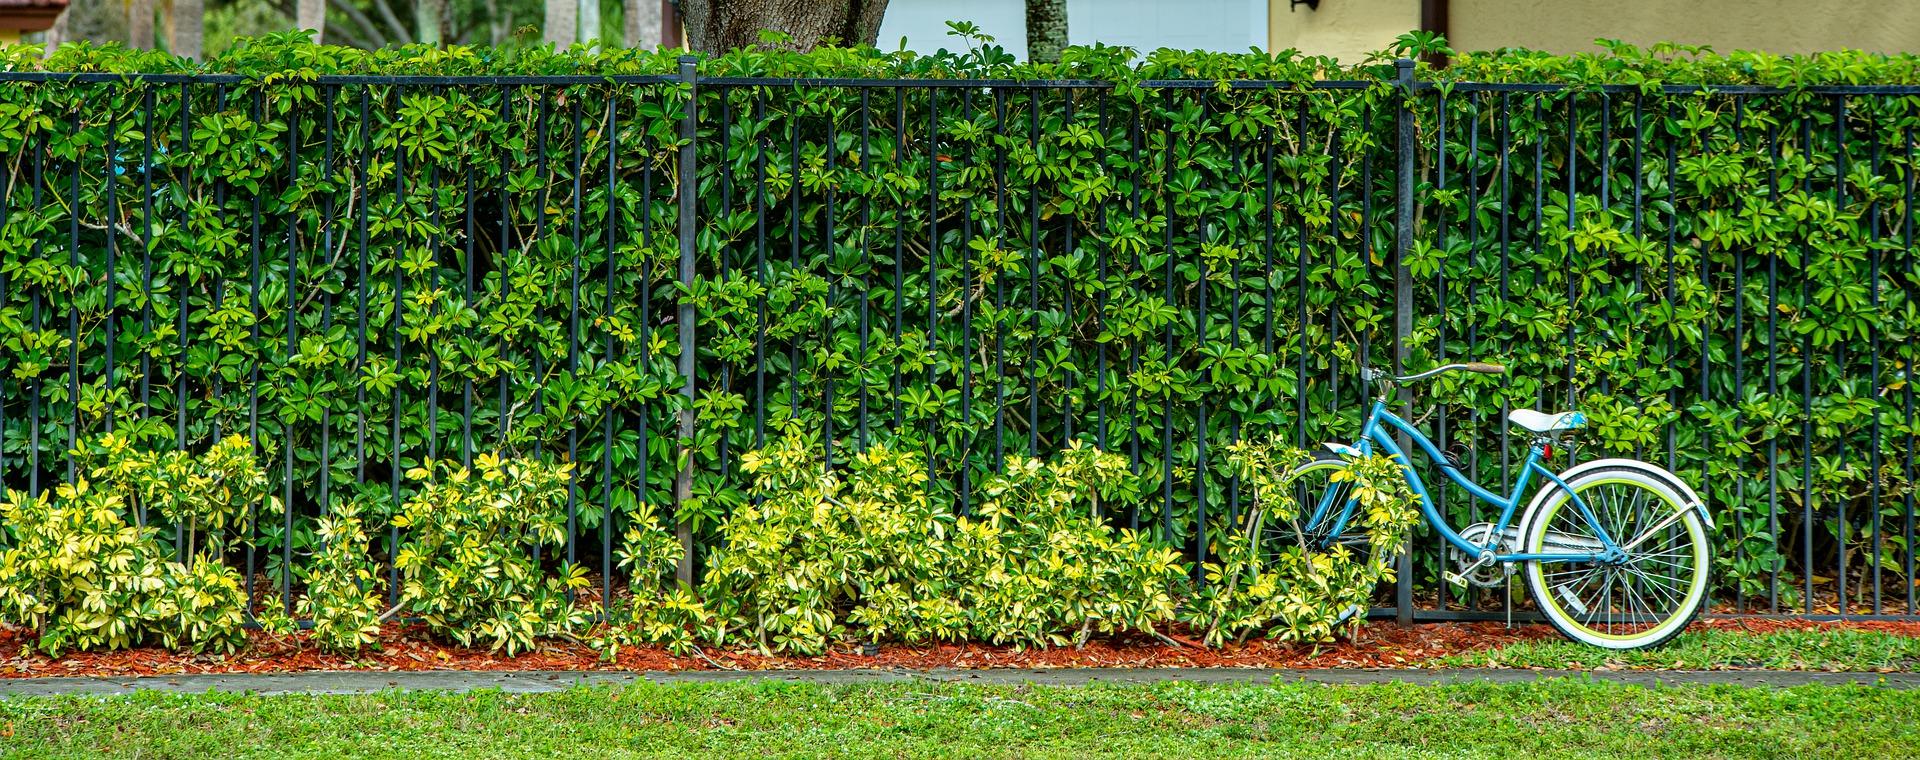 Vyberte ten správný plot